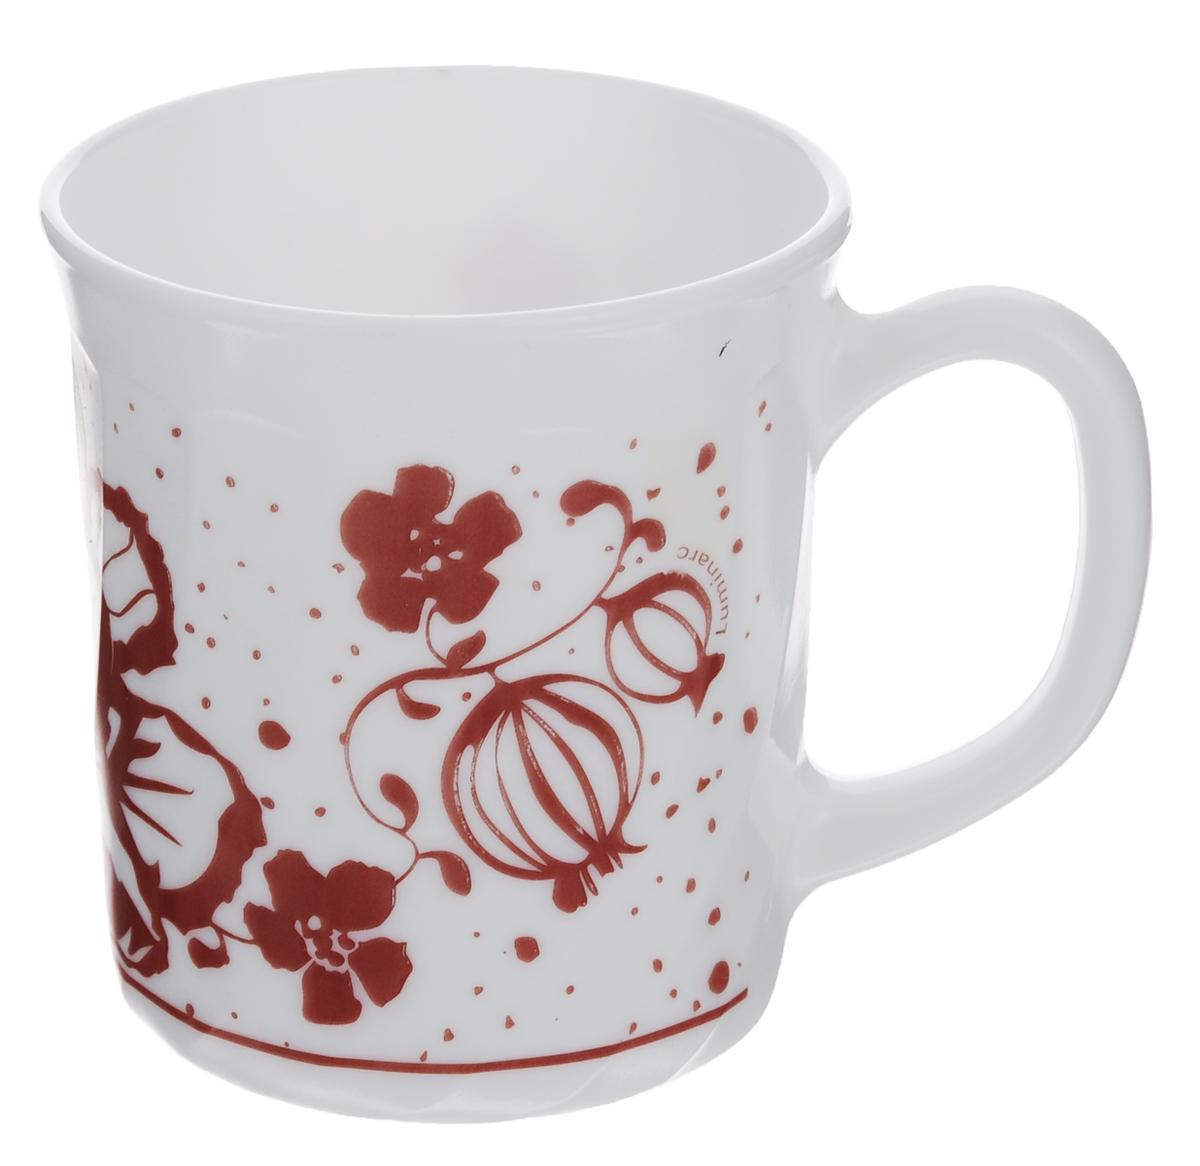 Кружка Luminarc Alcove Red, 290 мл54 009303Кружка Luminarc Alcove Red изготовлена из упрочненного стекла. Такая кружка прекрасно подойдет для горячих и холодных напитков. Она дополнит коллекцию вашей кухонной посуды и будет служить долгие годы. Объем кружки: 290 мл. Диаметр кружки (по верхнему краю): 8 см. Высота стенки кружки: 9 см.